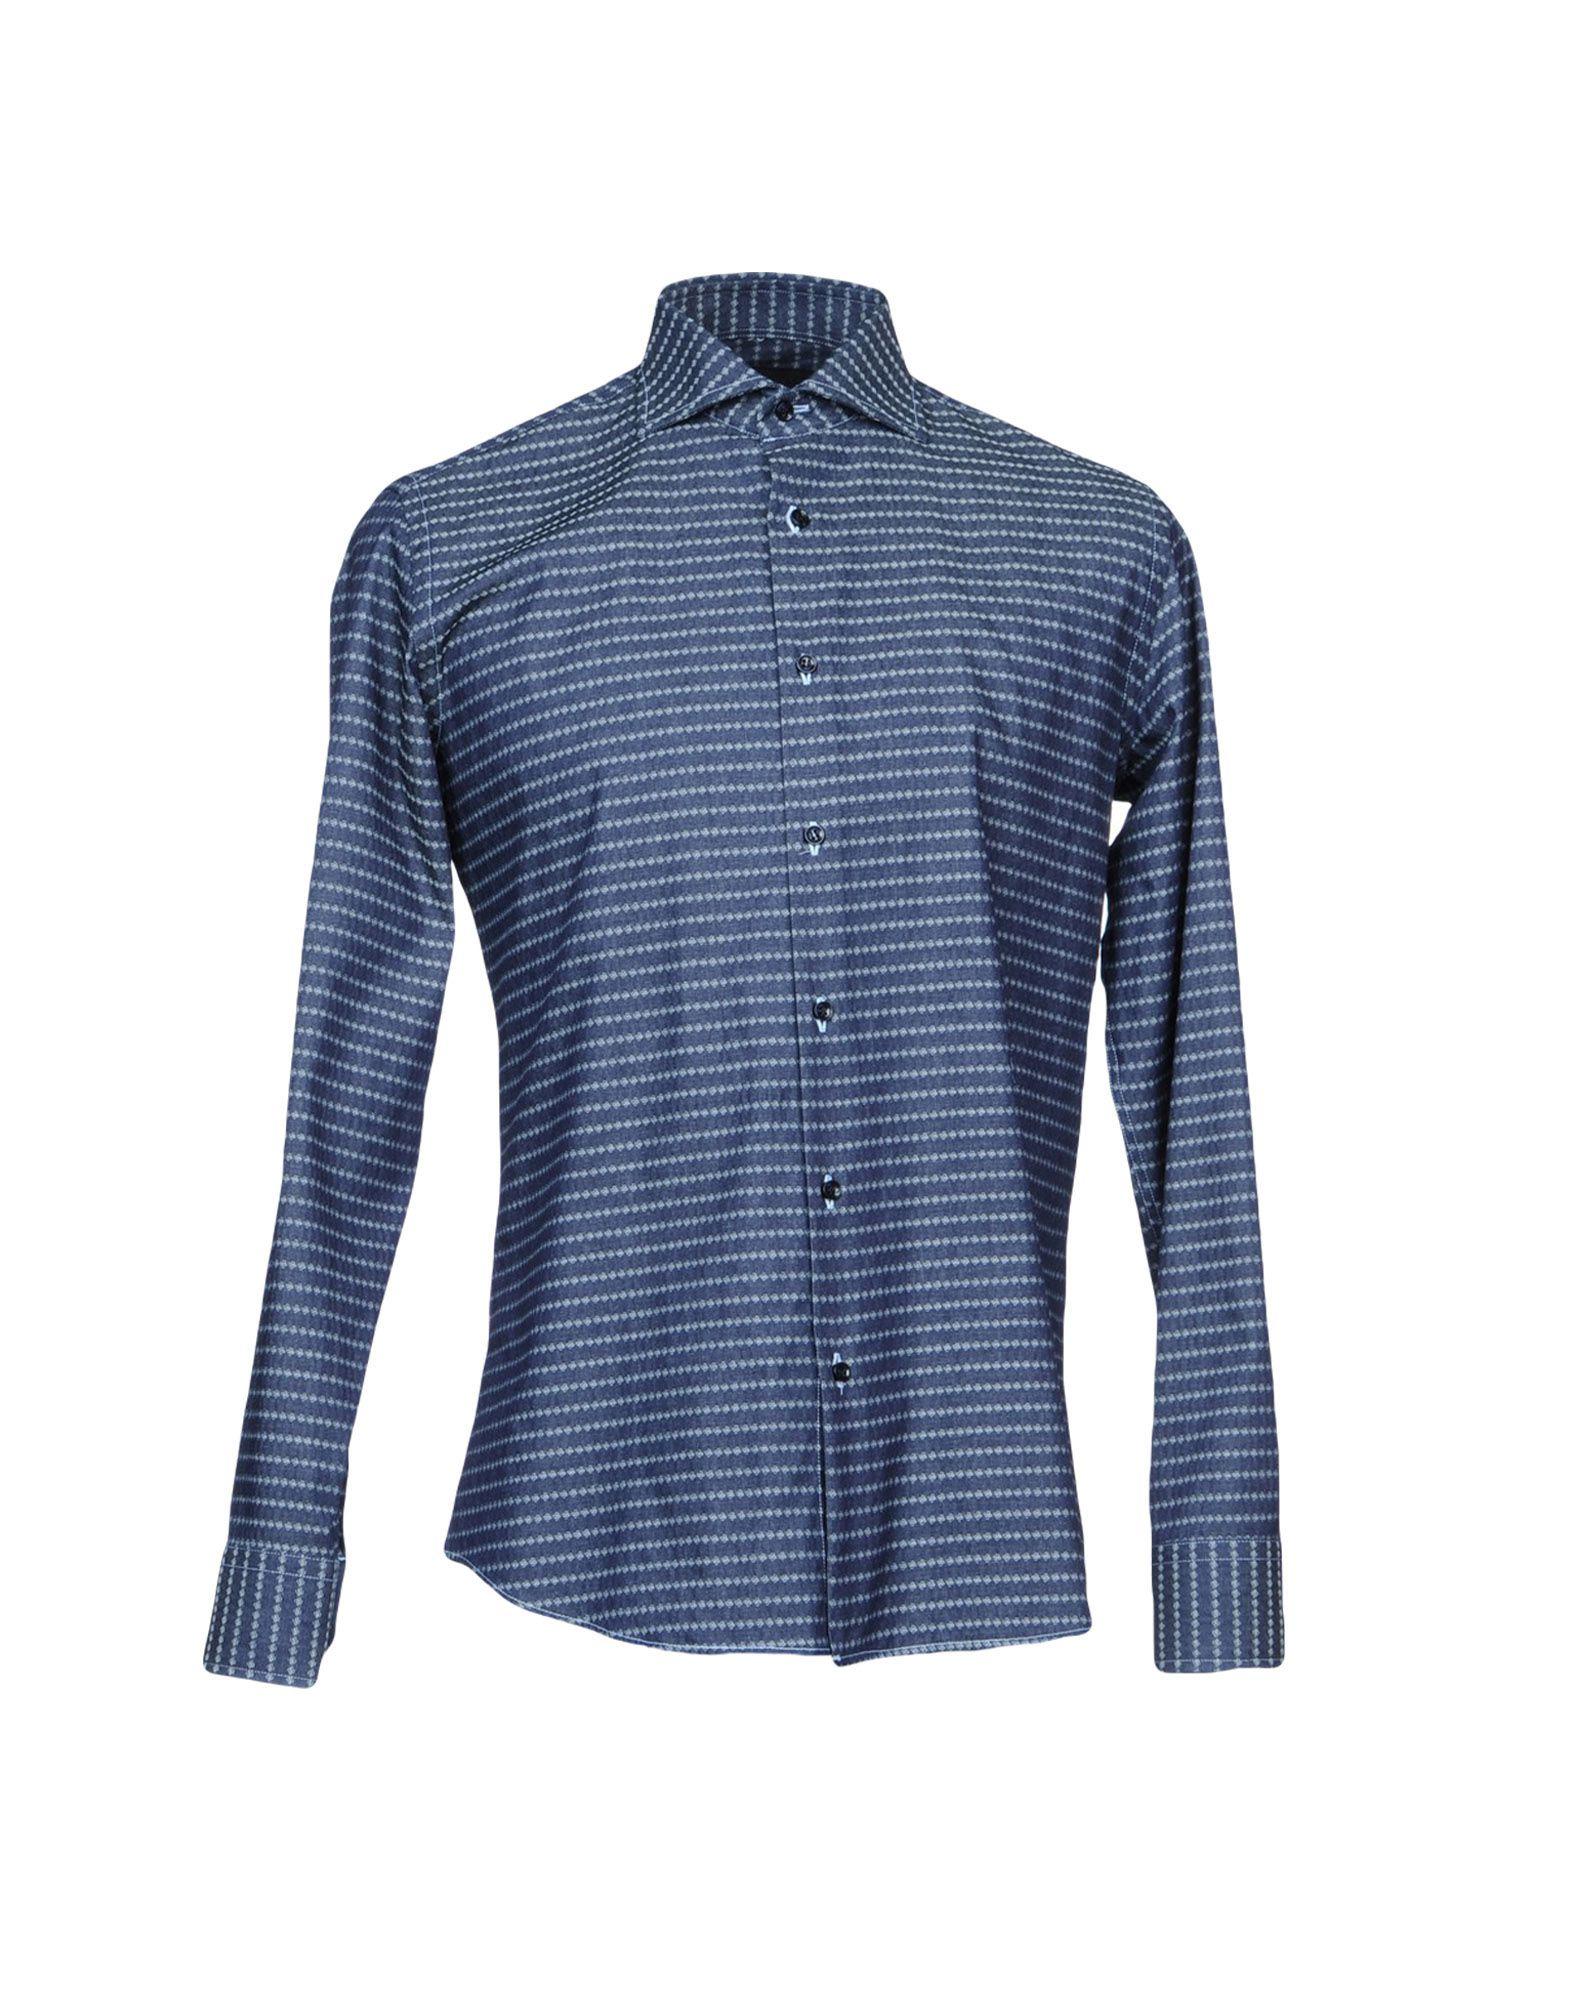 TRU TRUSSARDI Джинсовая рубашка tru trussardi джинсовая рубашка